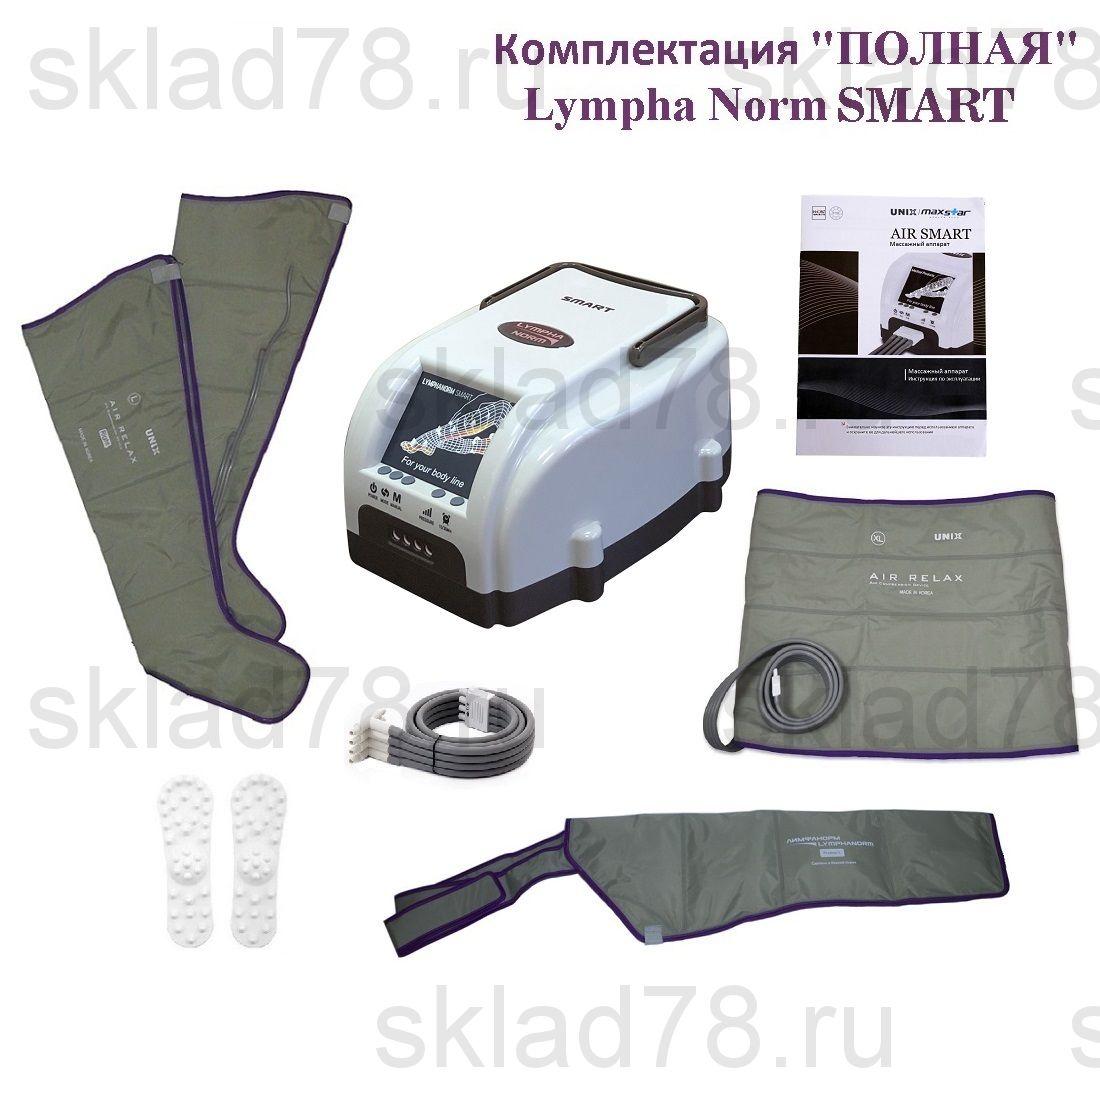 LymphaNorm Smart Массажный аппарат «Полный» комплект